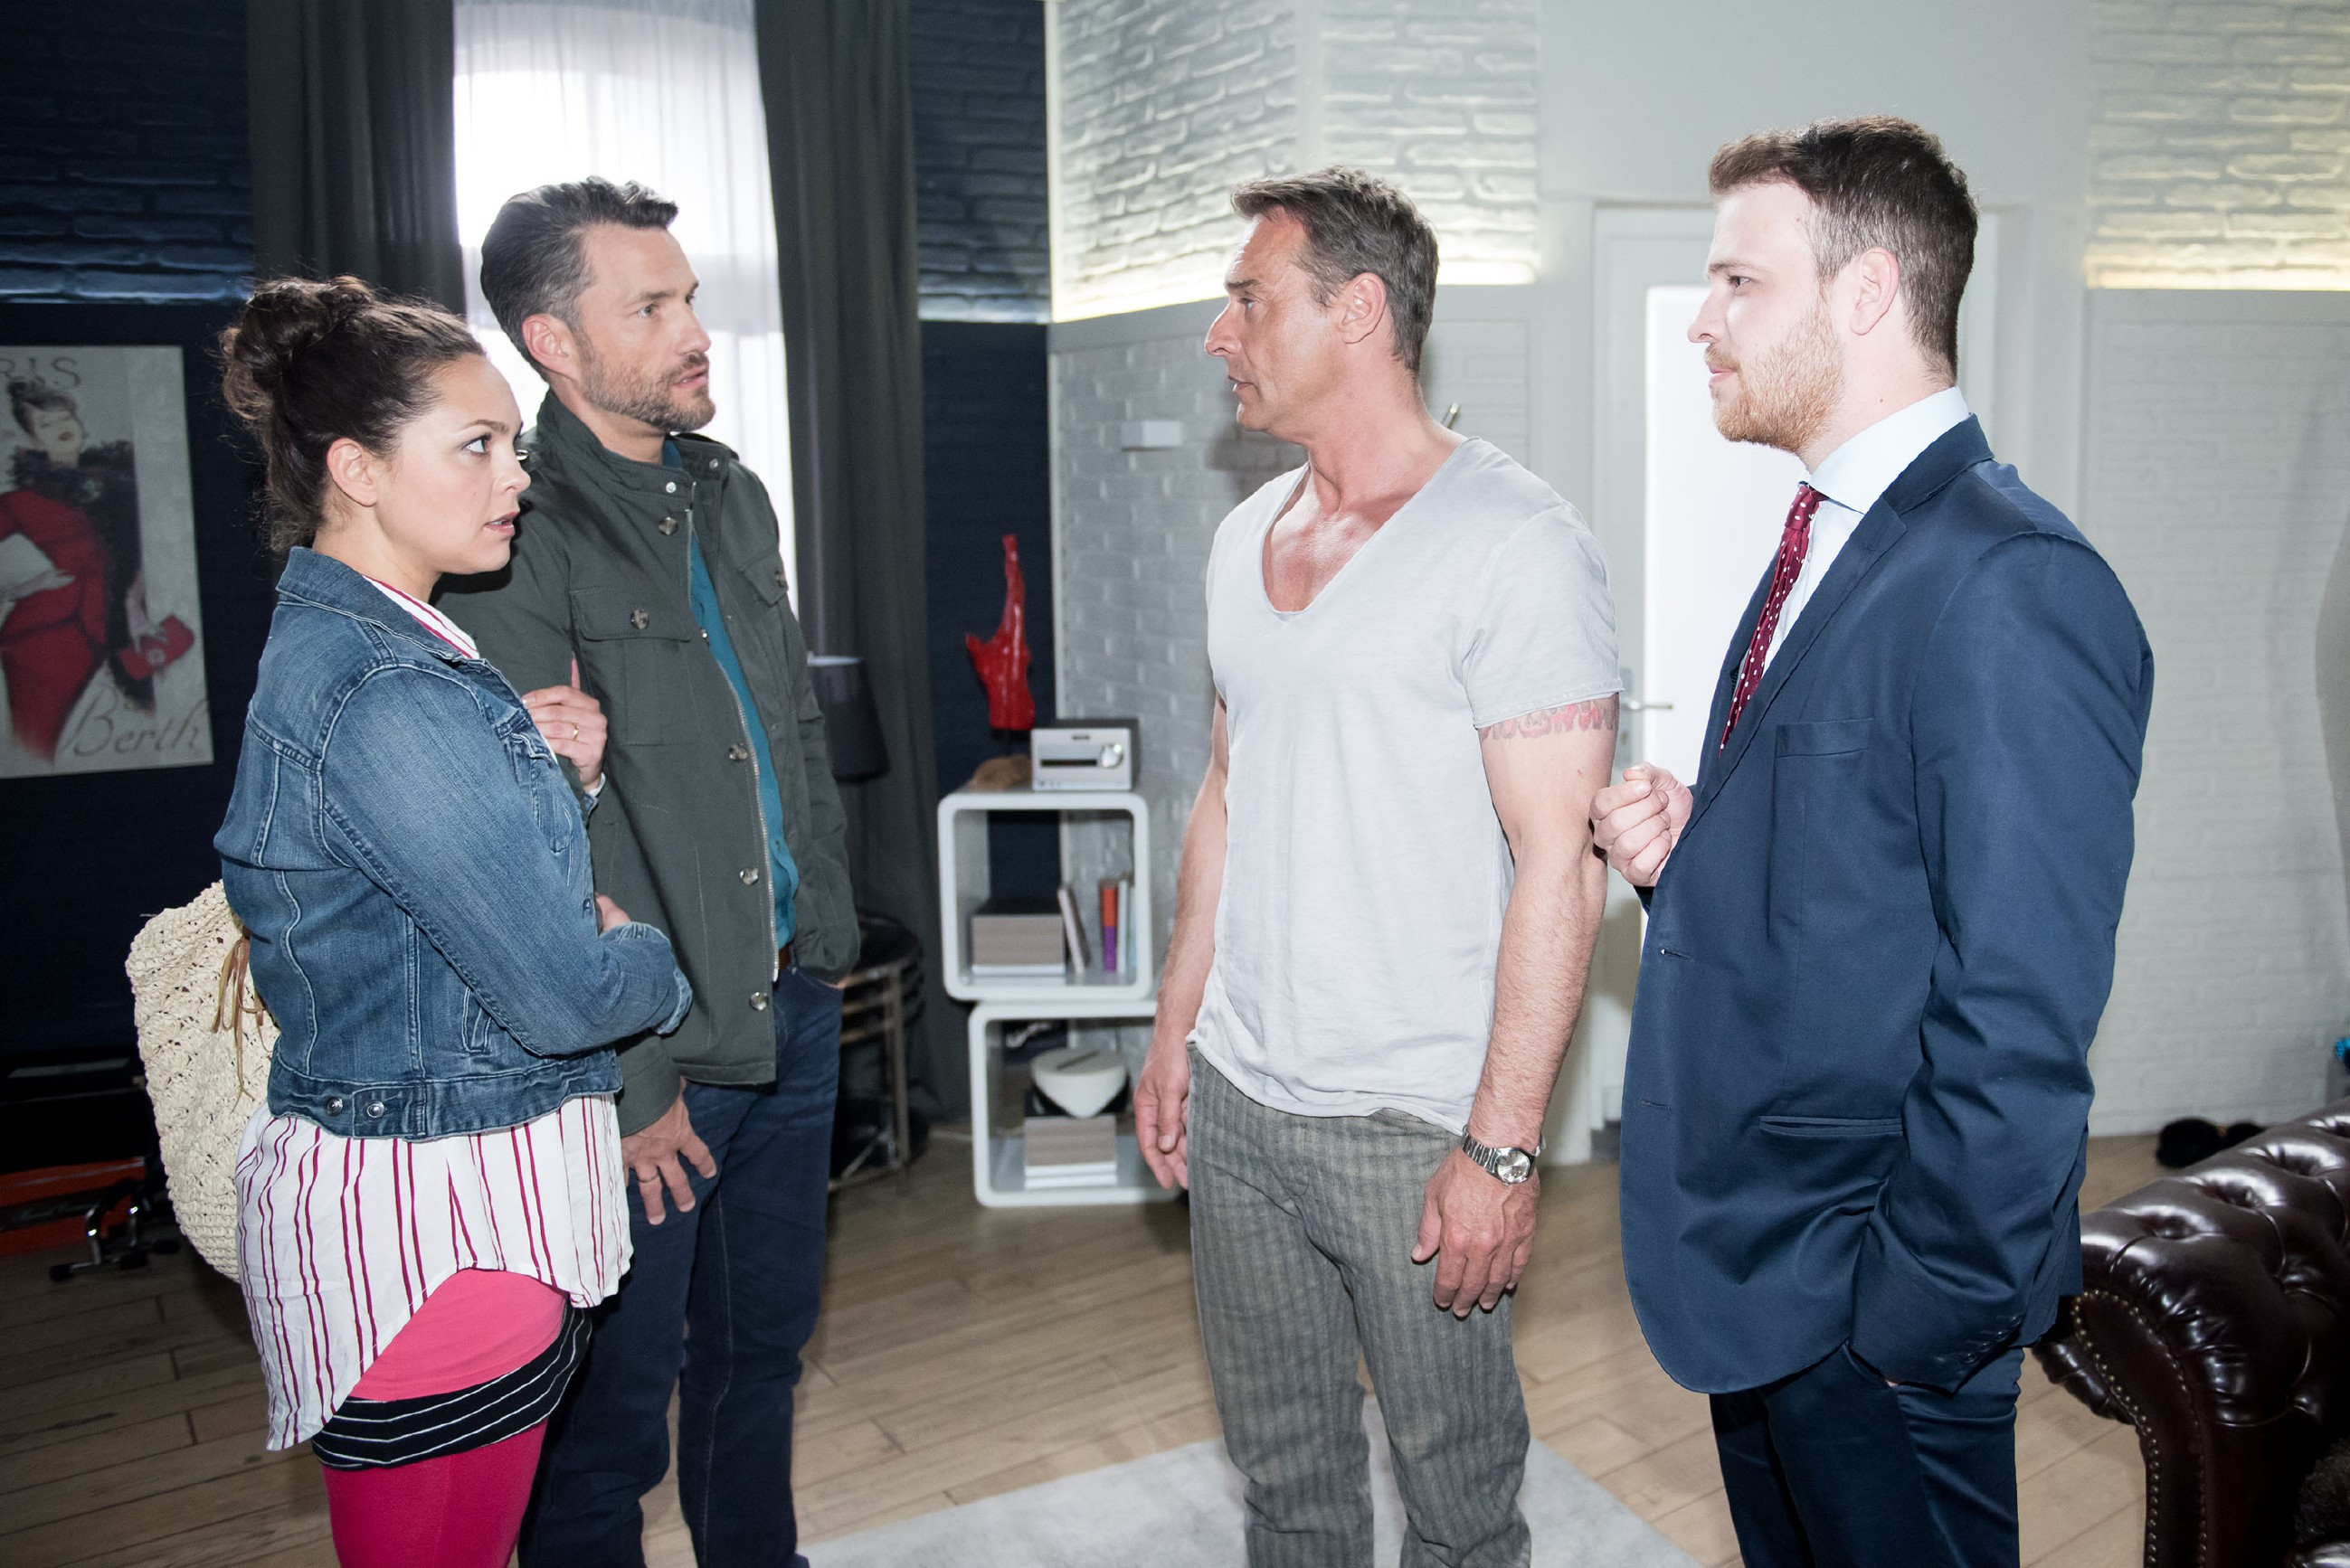 Rufus (Kai Noll, 2.v.r.) und Tobias (Patrick Müller, r.) sind schwer erleichtert, als Caro (Ines Kurenbach) ihnen im Beisein von Malte (Stefan Bockelmann) ankündigt, für Rufus auszusagen... (Quelle: RTL / Stefan Behrens)